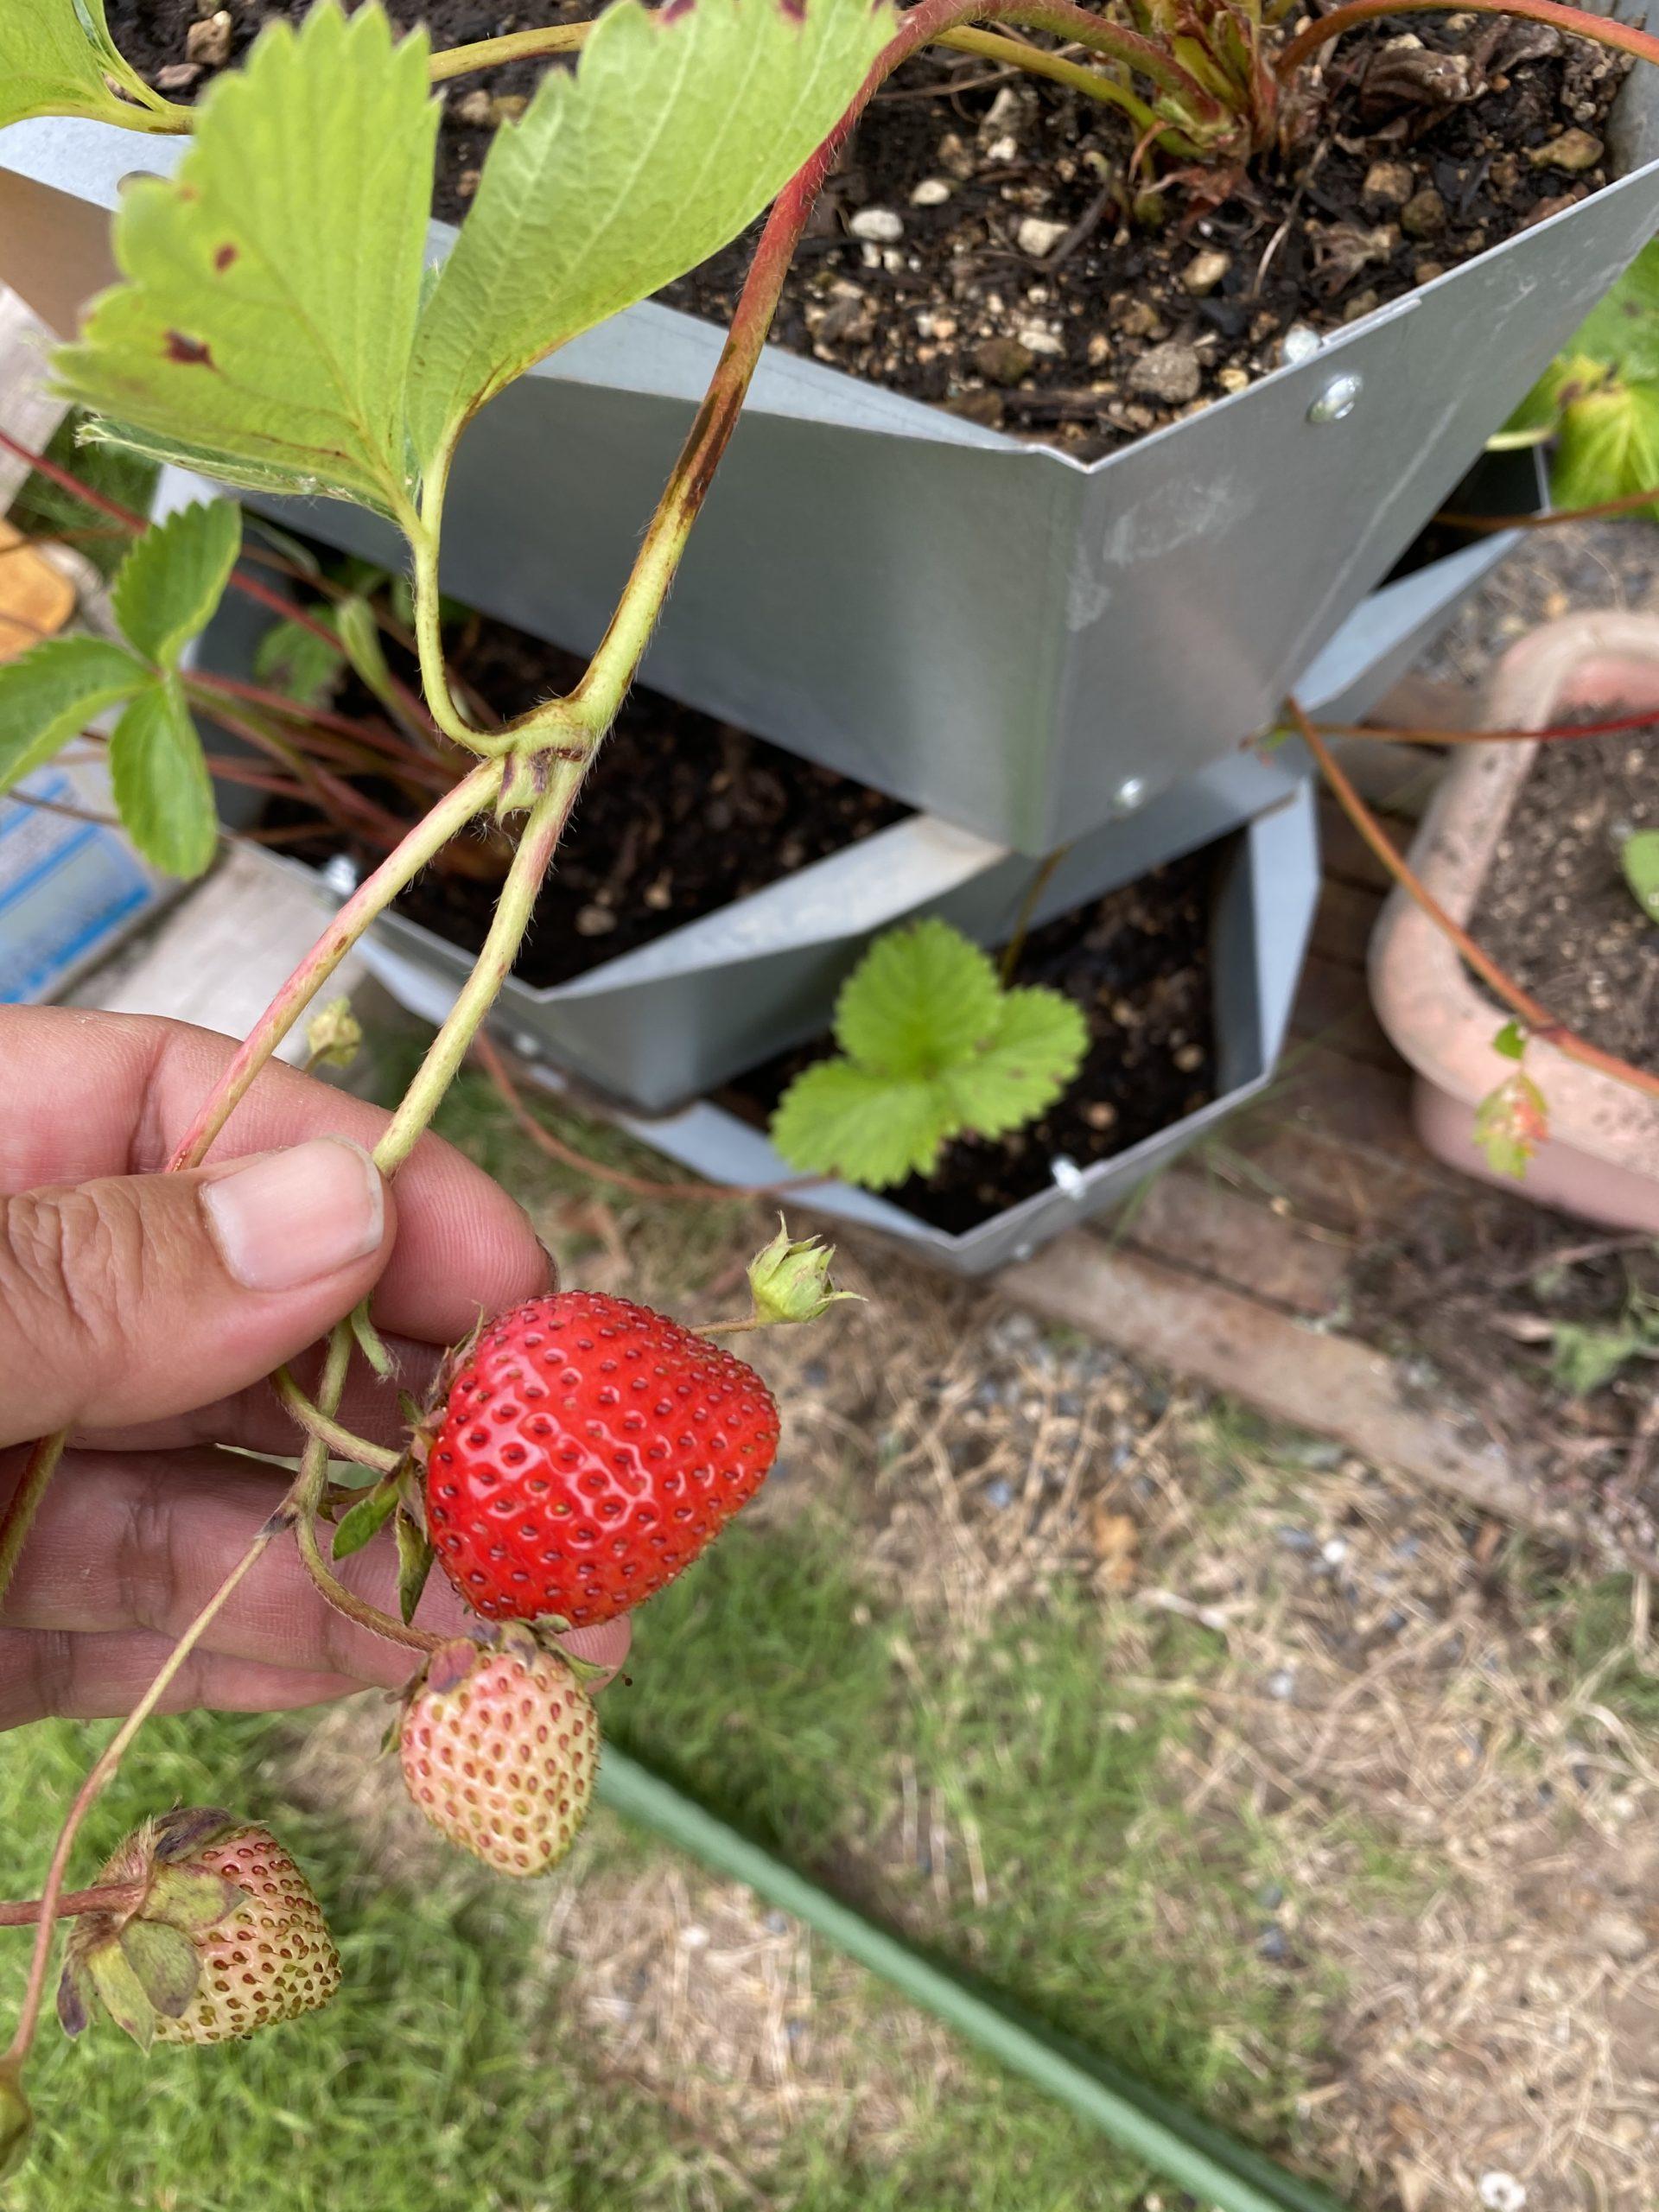 イチゴの栽培にちょっと不安な事象が起き始めた!どうなるかな?